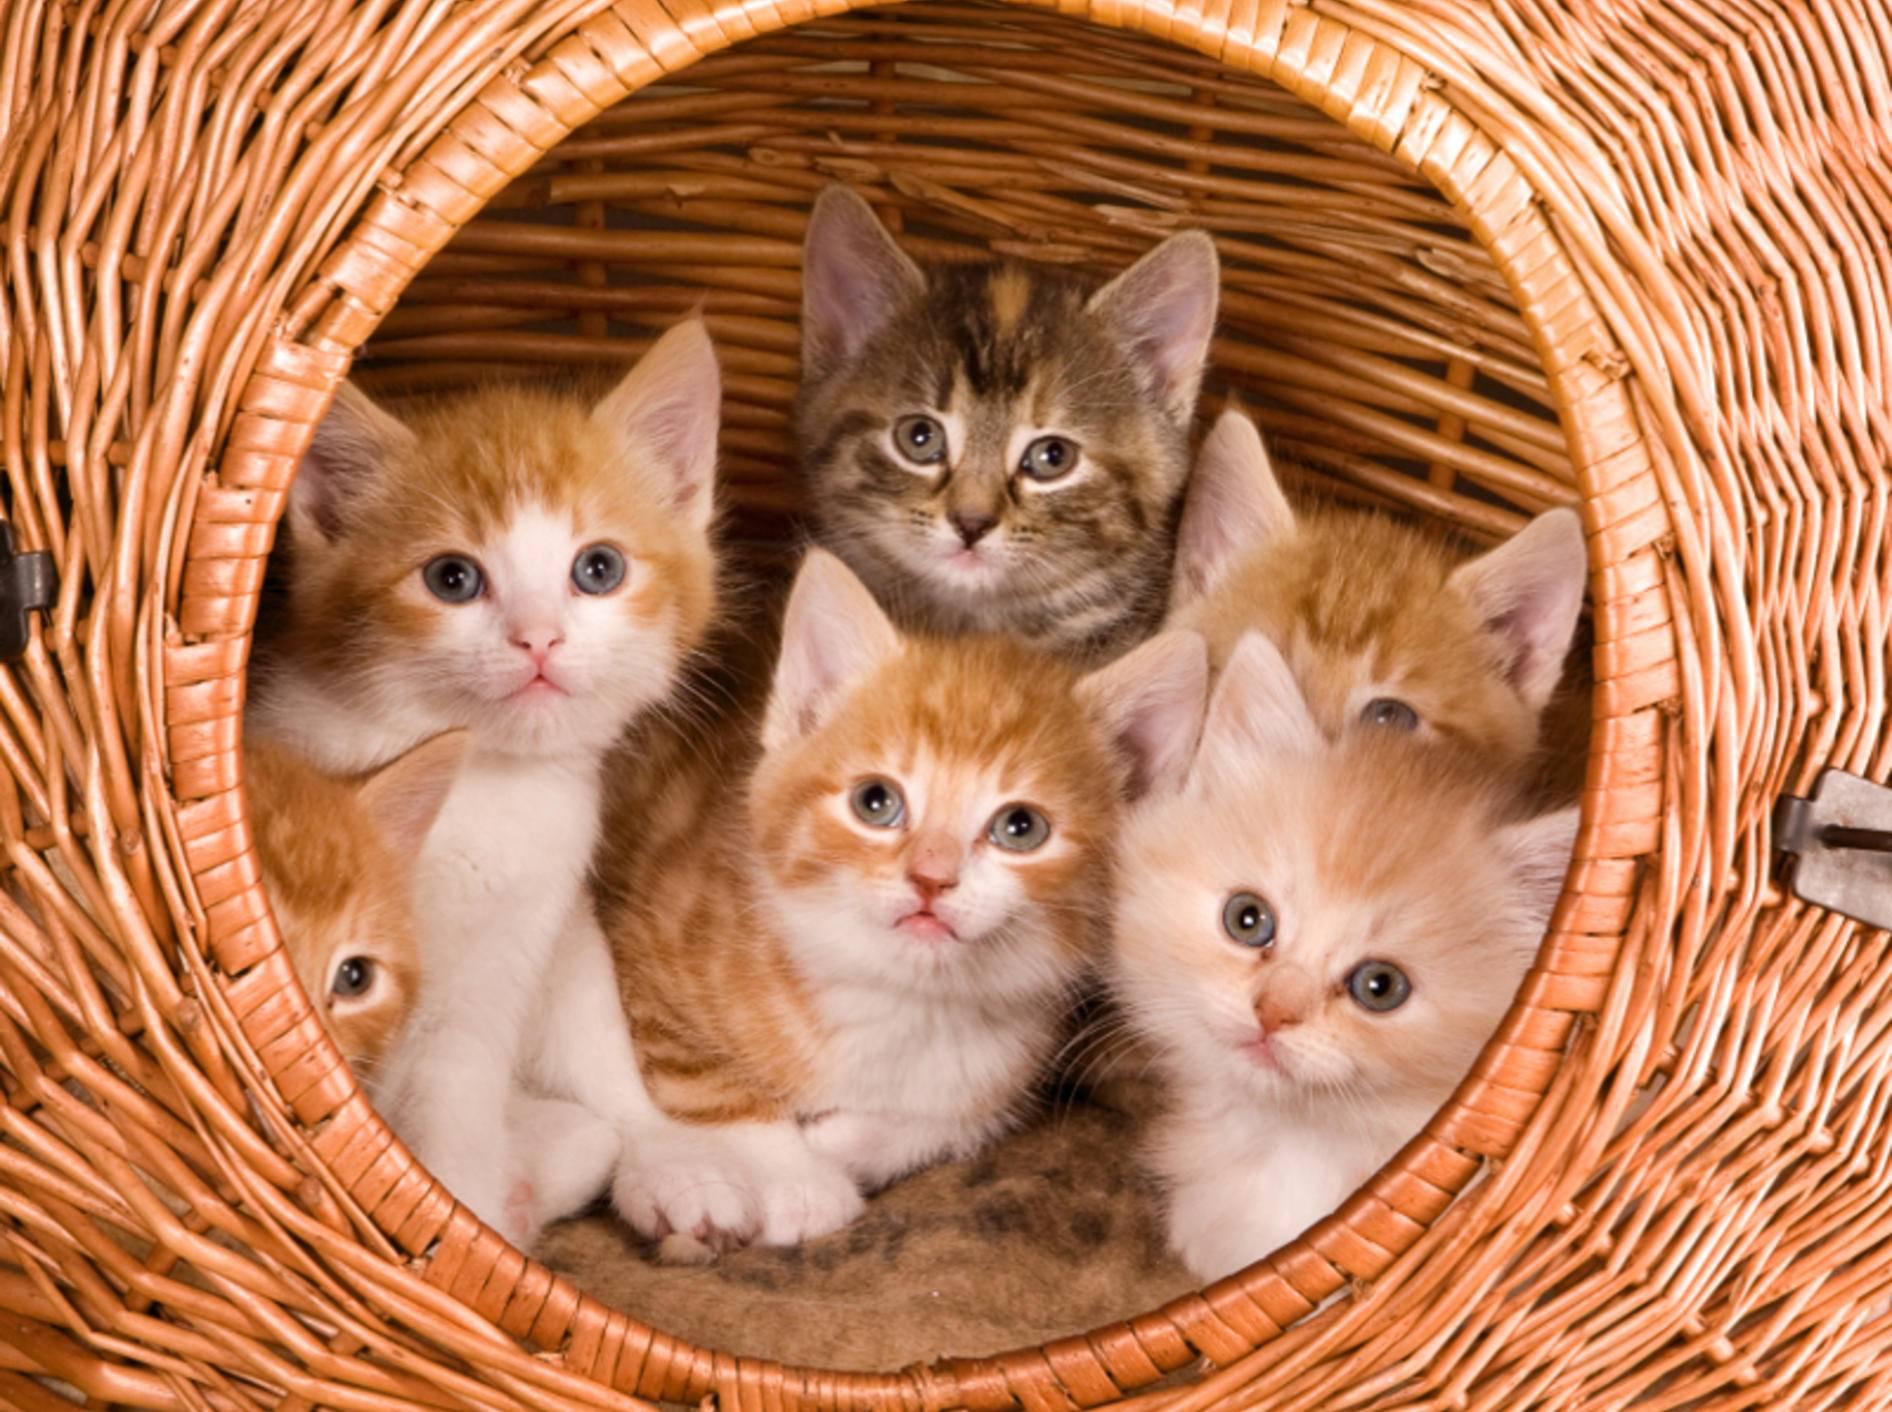 Solche großen Katzenhöhlen sind selten und bieten Platz für mehrere Stubentiger – Shutterstock / Anneka